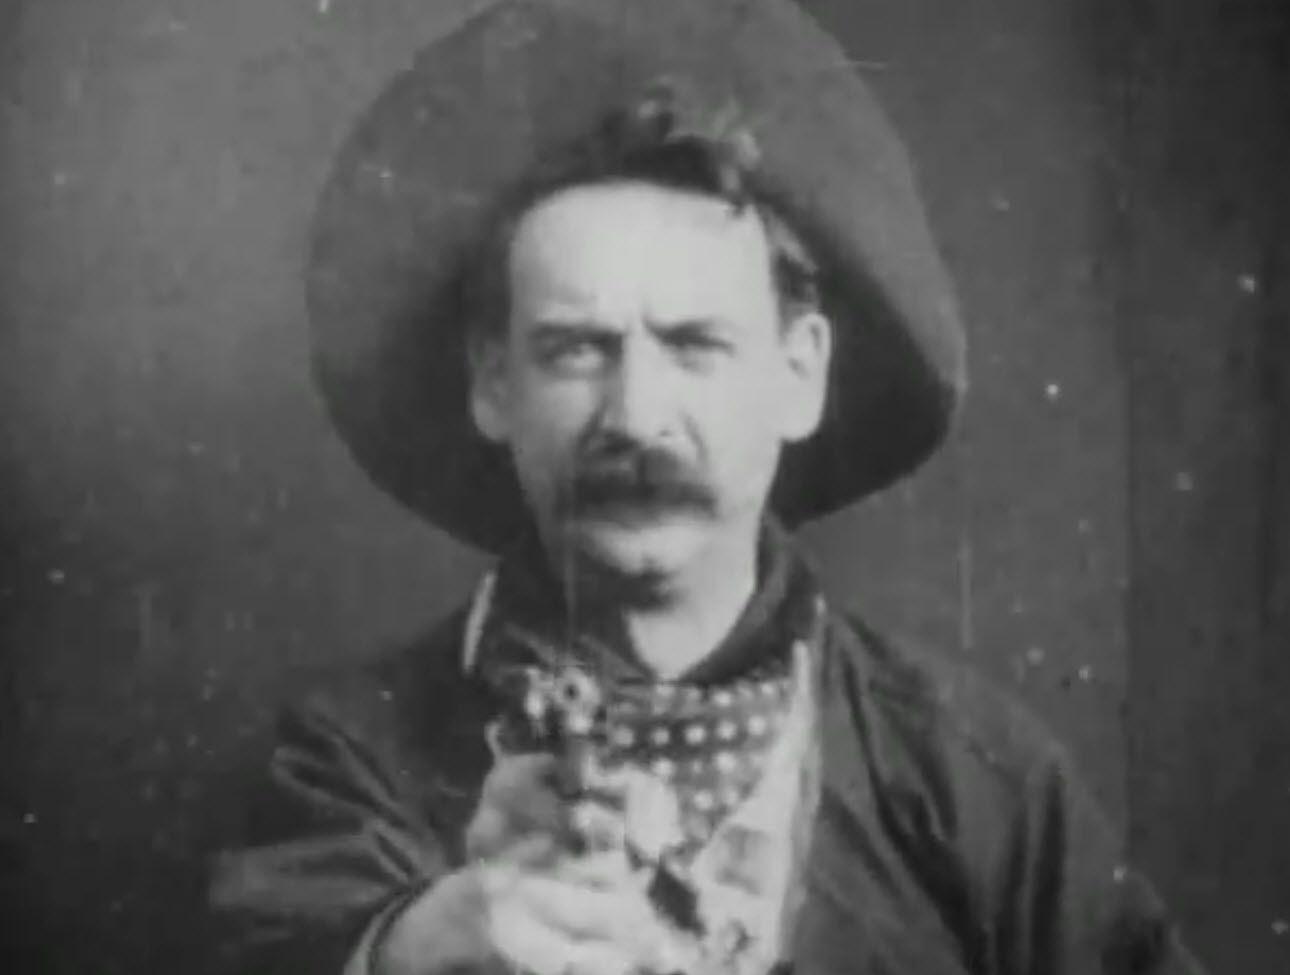 Western von Gestern - Erinnerst Du Dich?